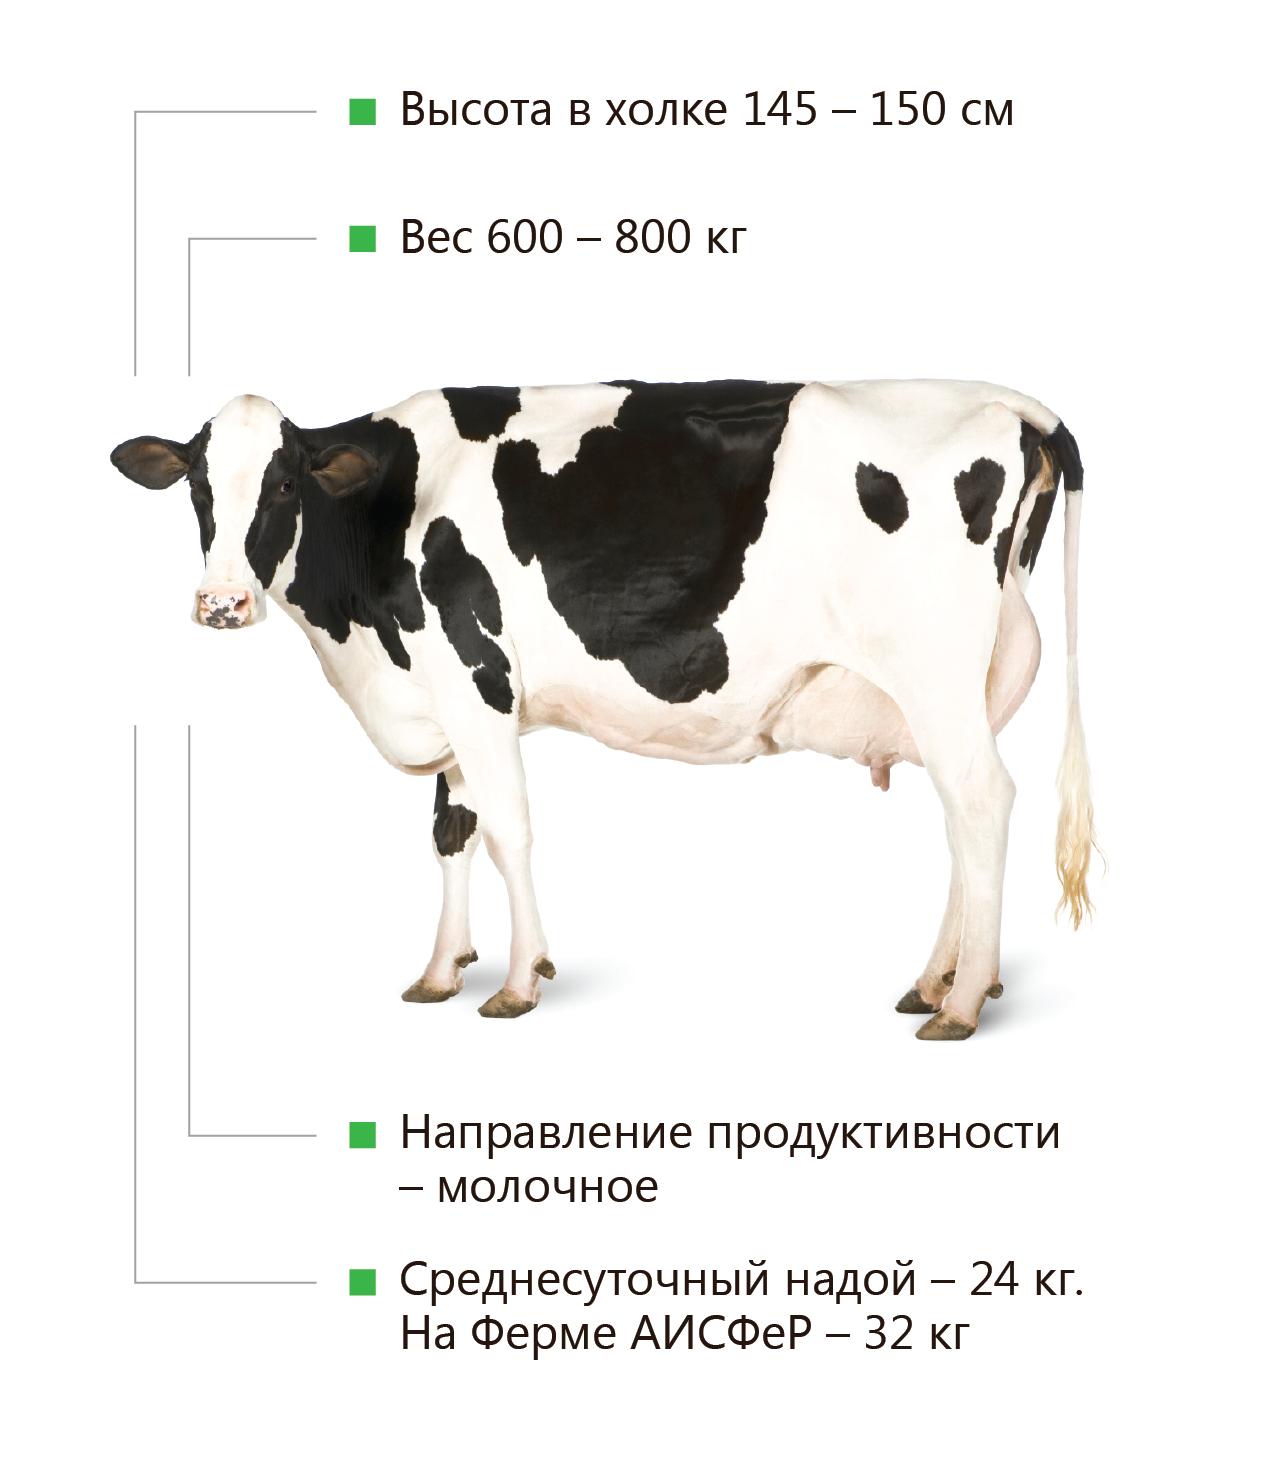 Голштинская порода коров: характеристика, описание, фото животных с черно-пестрым и иным окрасом, и сколько стоит голштинизированный вид крс?